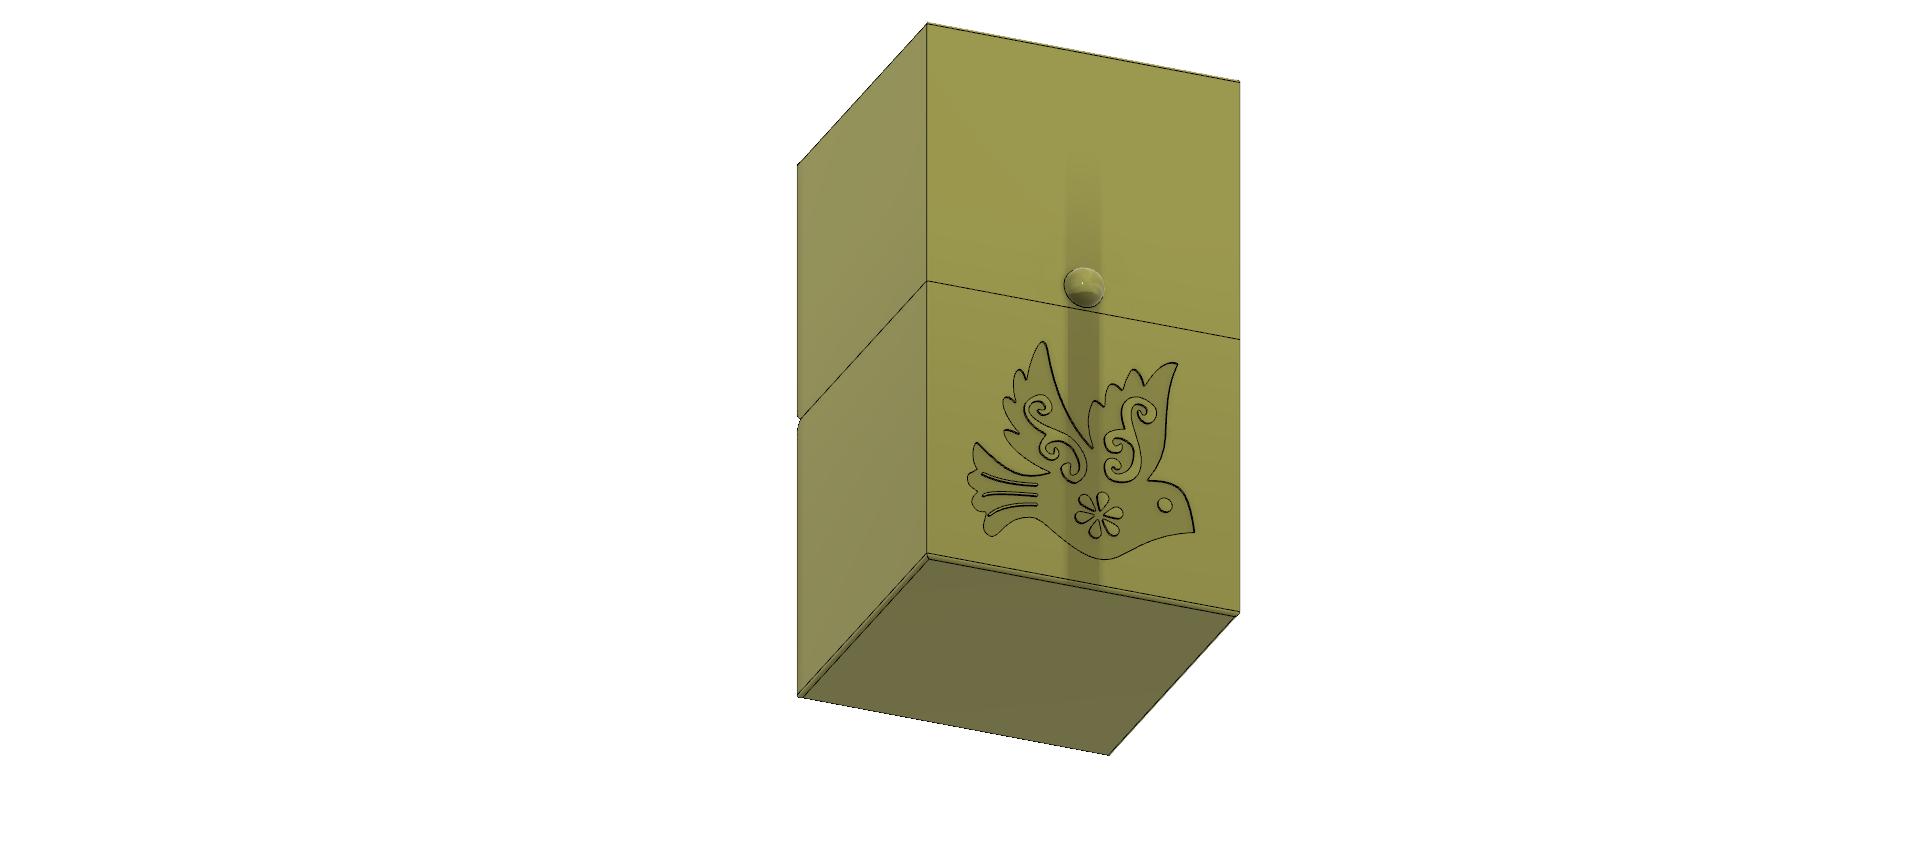 cube-02-a1 v1-06.png Descargar archivo OBJ Caja de regalo Caja secreta pequeña caja secreta Modelo de impresión en 3D • Modelo para imprimir en 3D, Dzusto